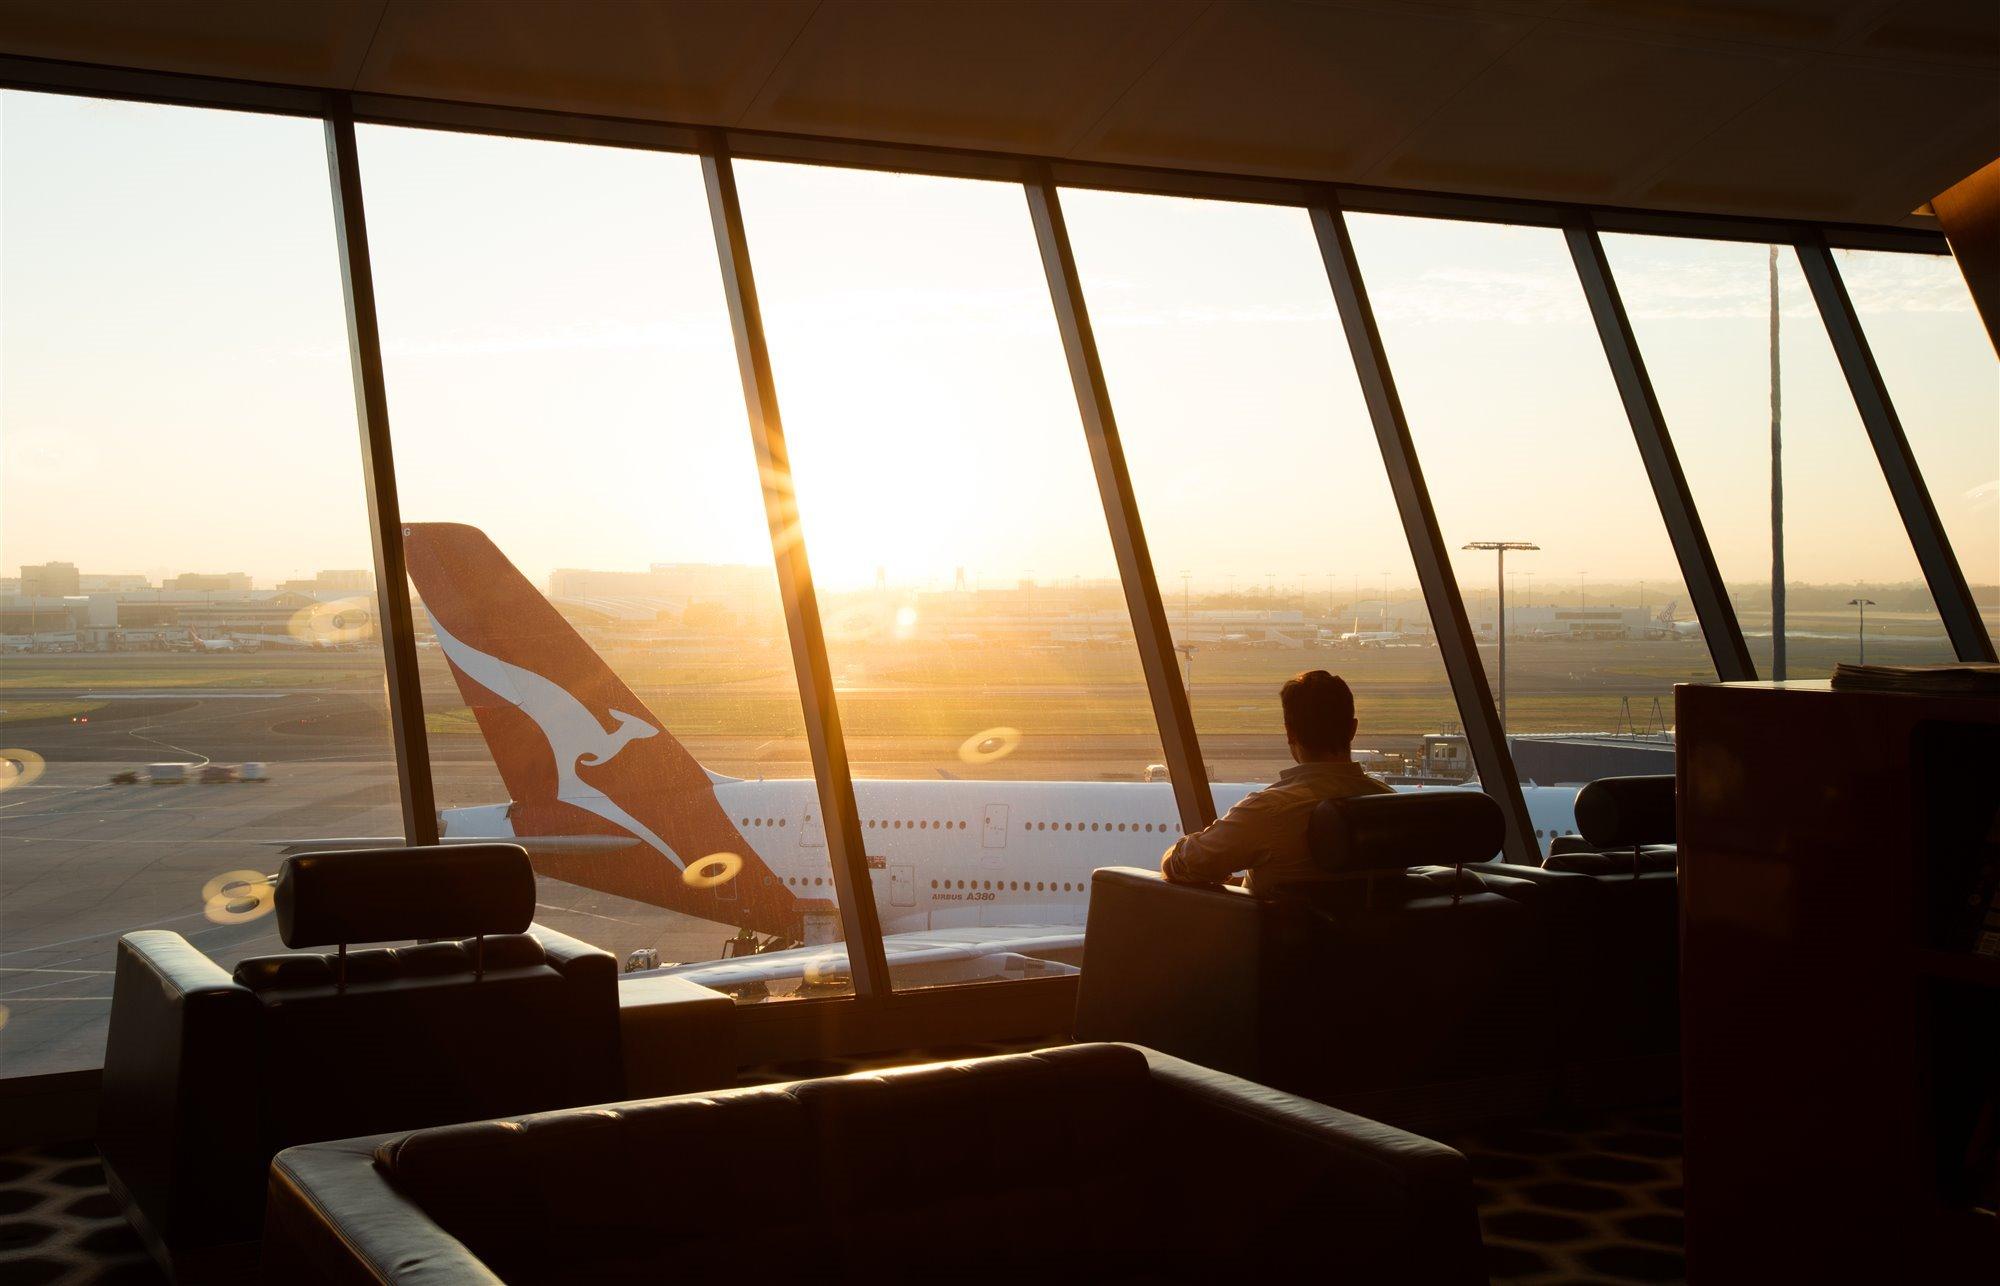 Qantas 3. Una apuesta comercial... y sostenible